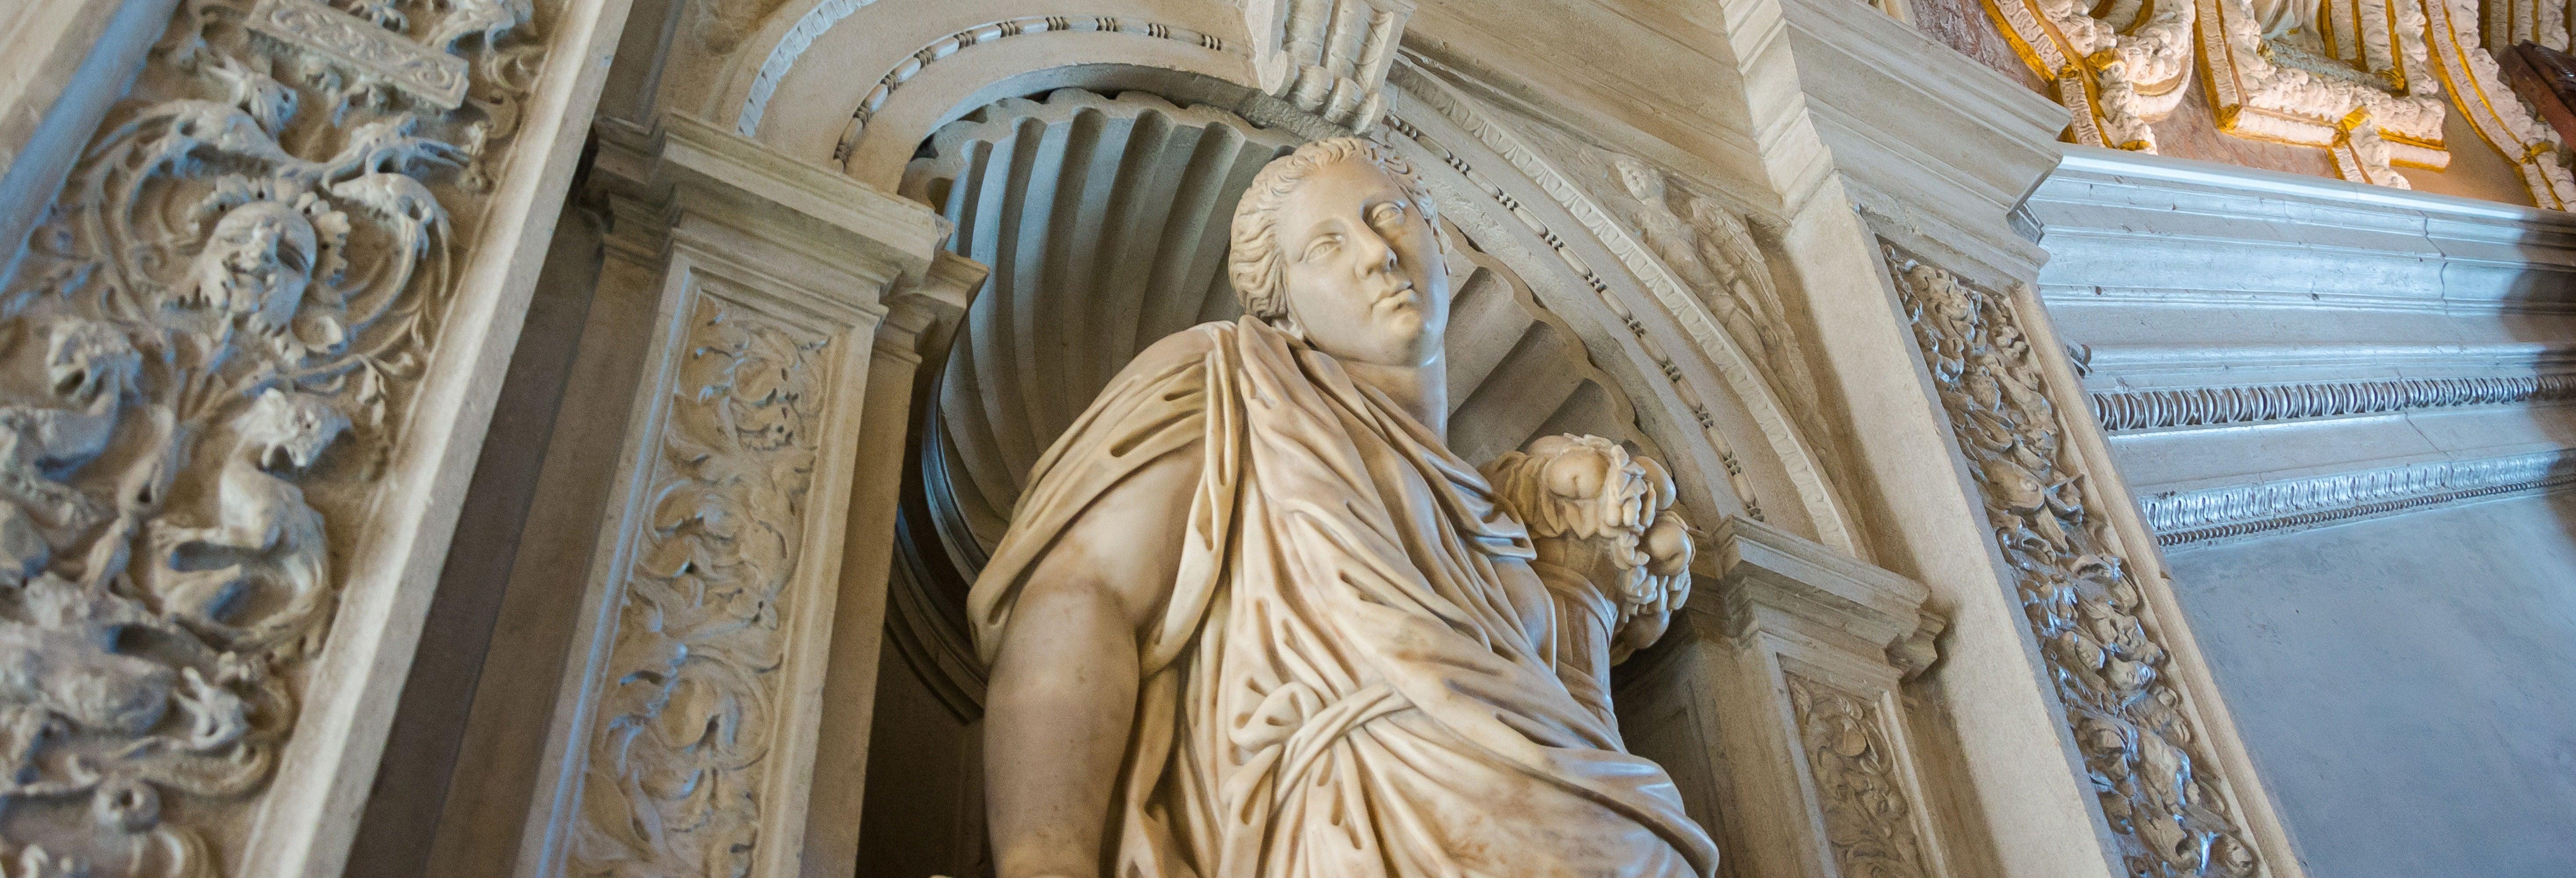 Visita guiada pela Basílica de São Marcos e pelo Palácio Ducal